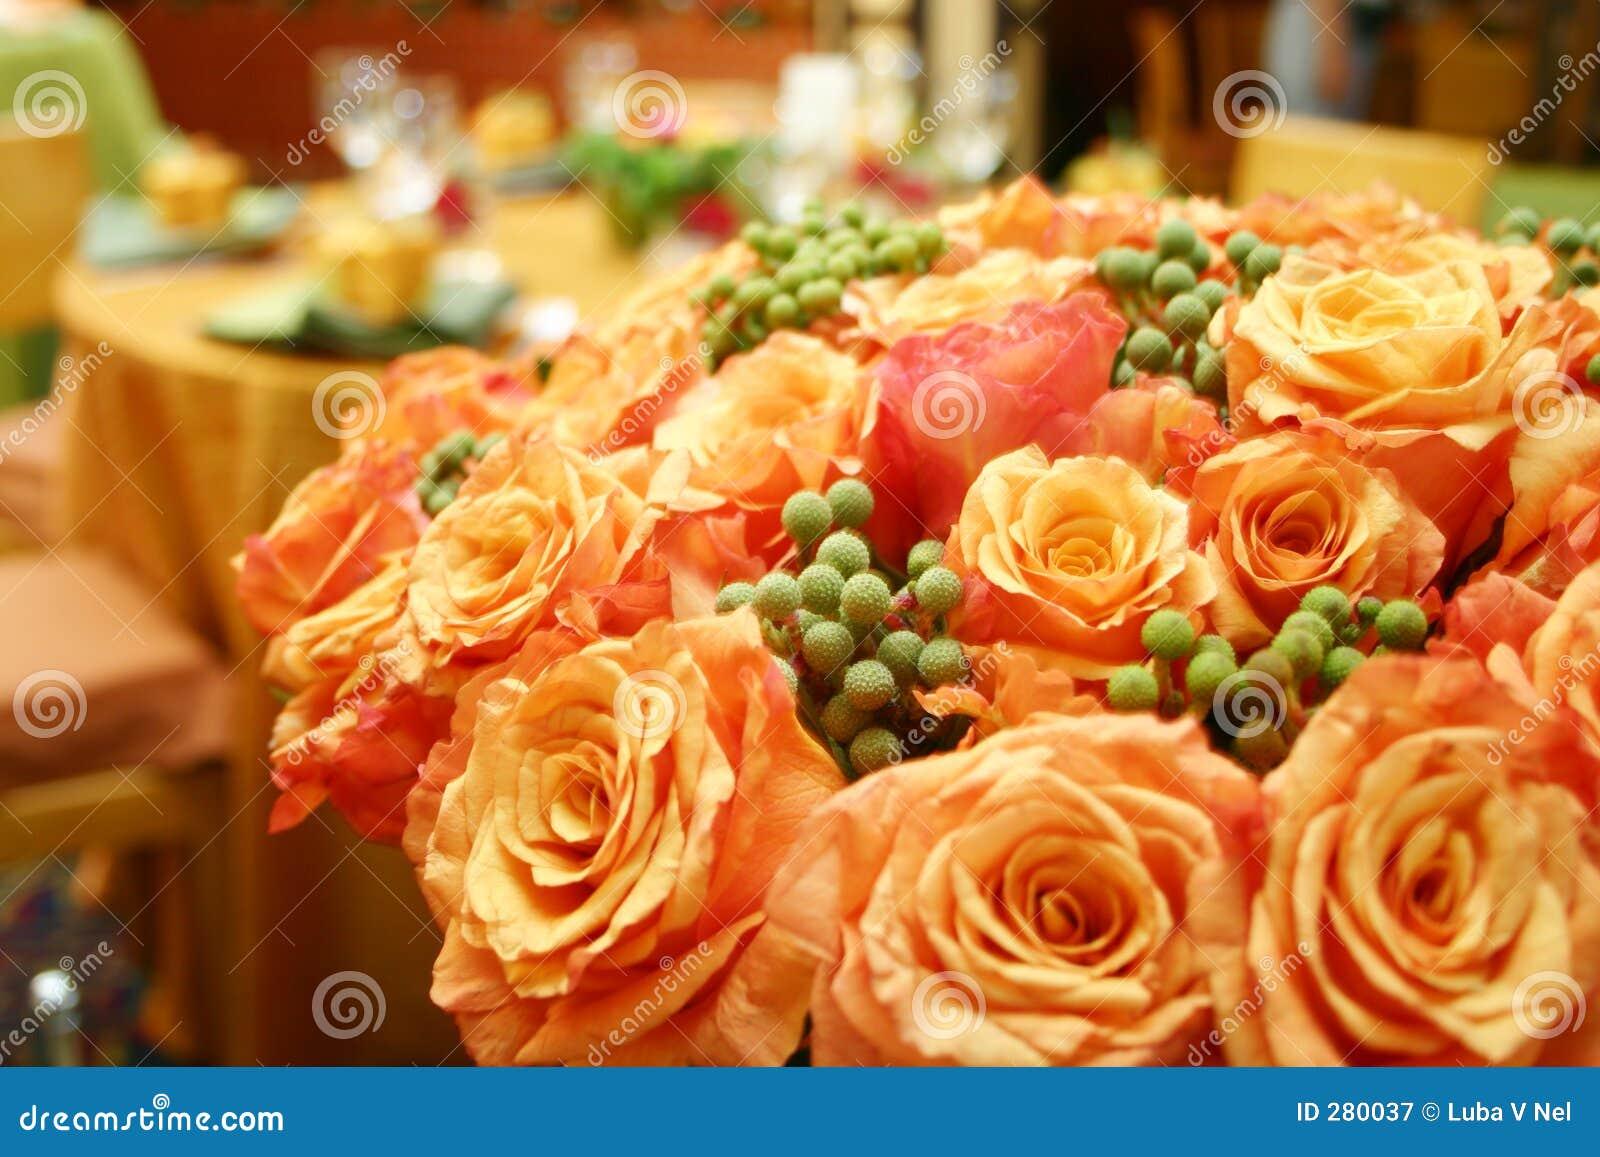 泰国015朵橙色的玫瑰